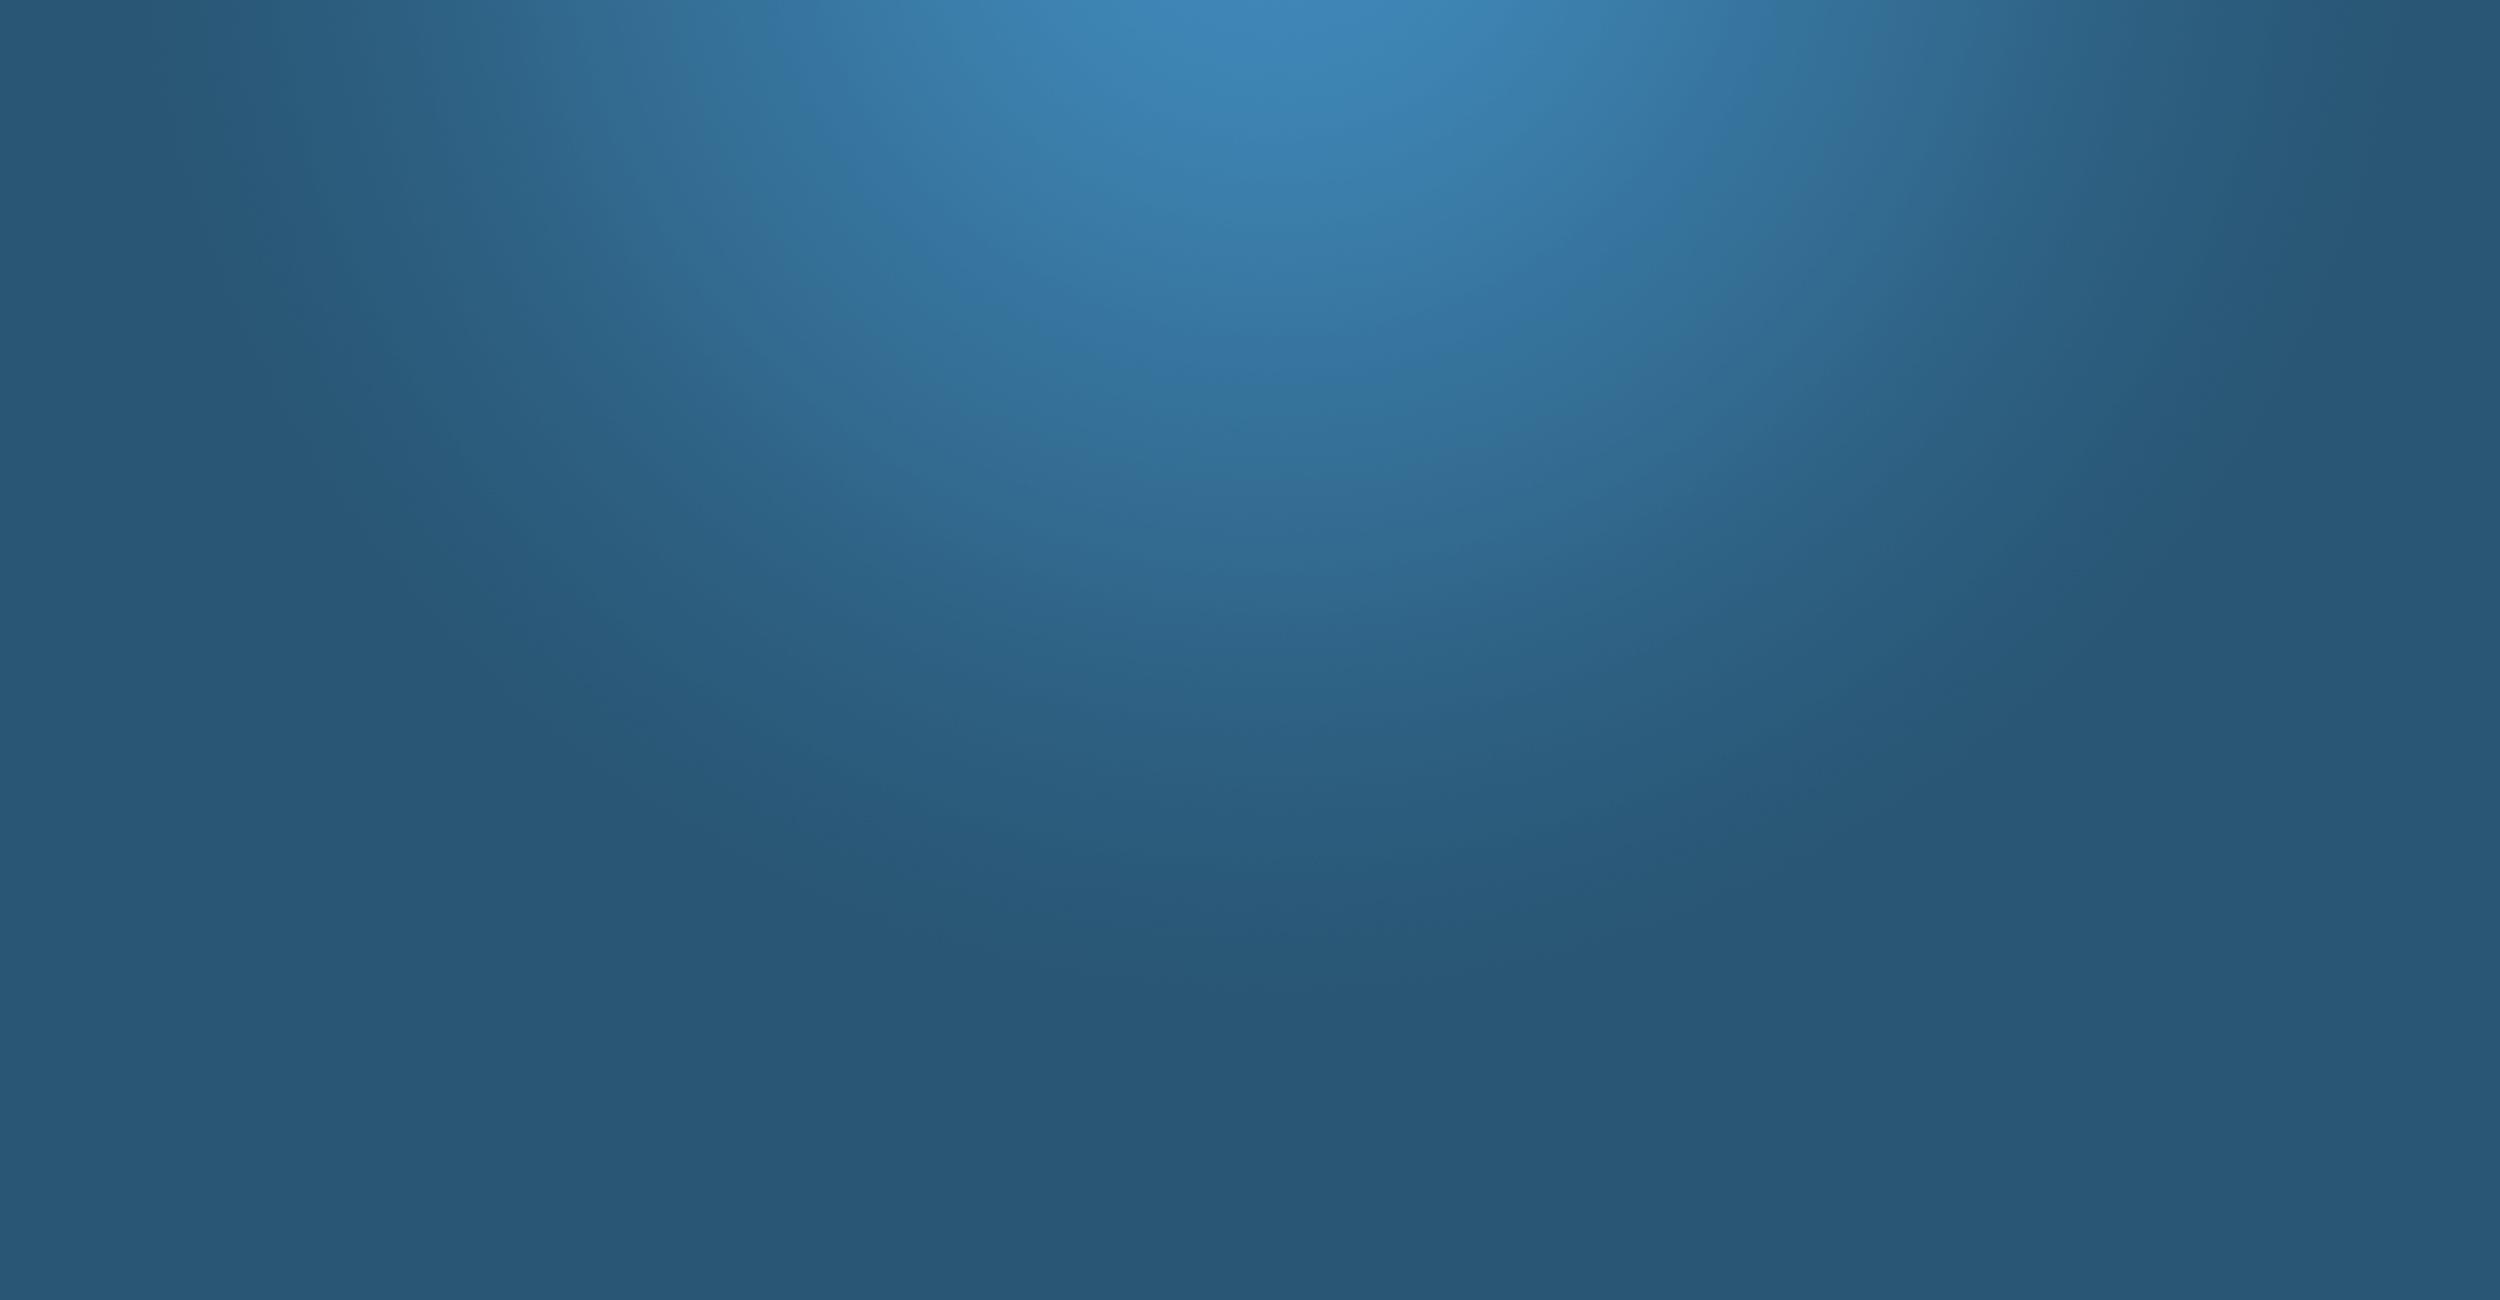 Blue Html background image